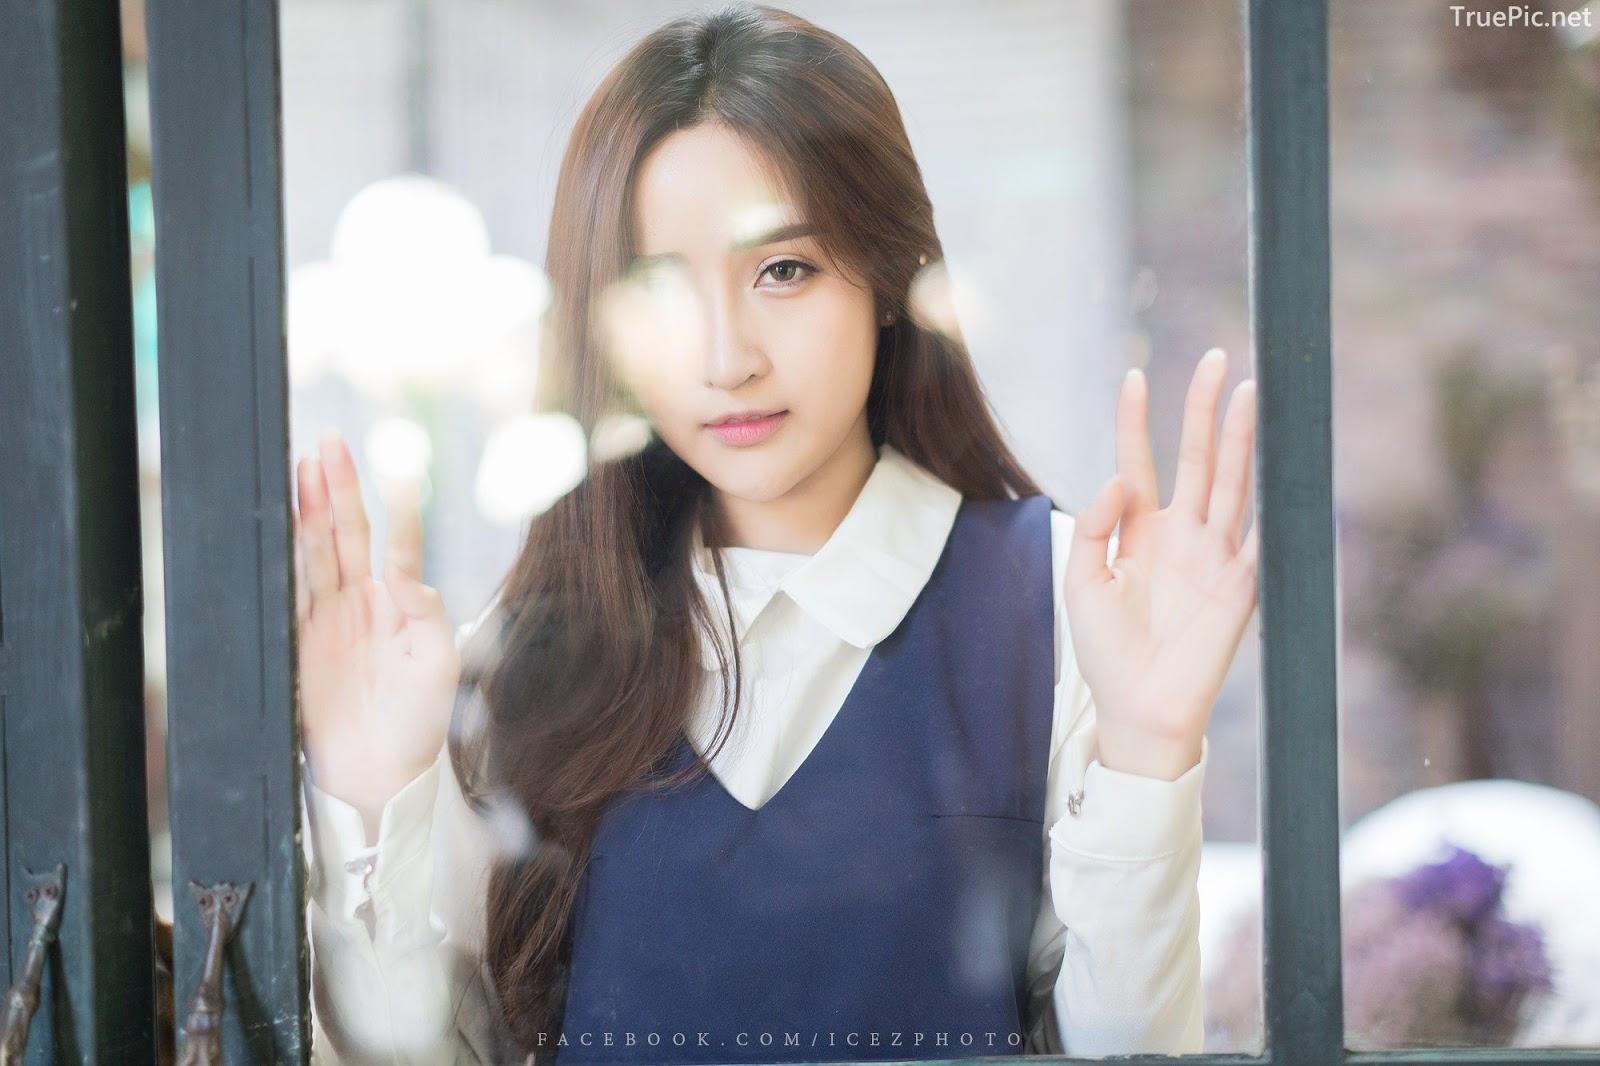 Thailand Hot Girl - Thanyarat Charoenpornkittada - Welcome to my world - TruePic.net - Picture 2